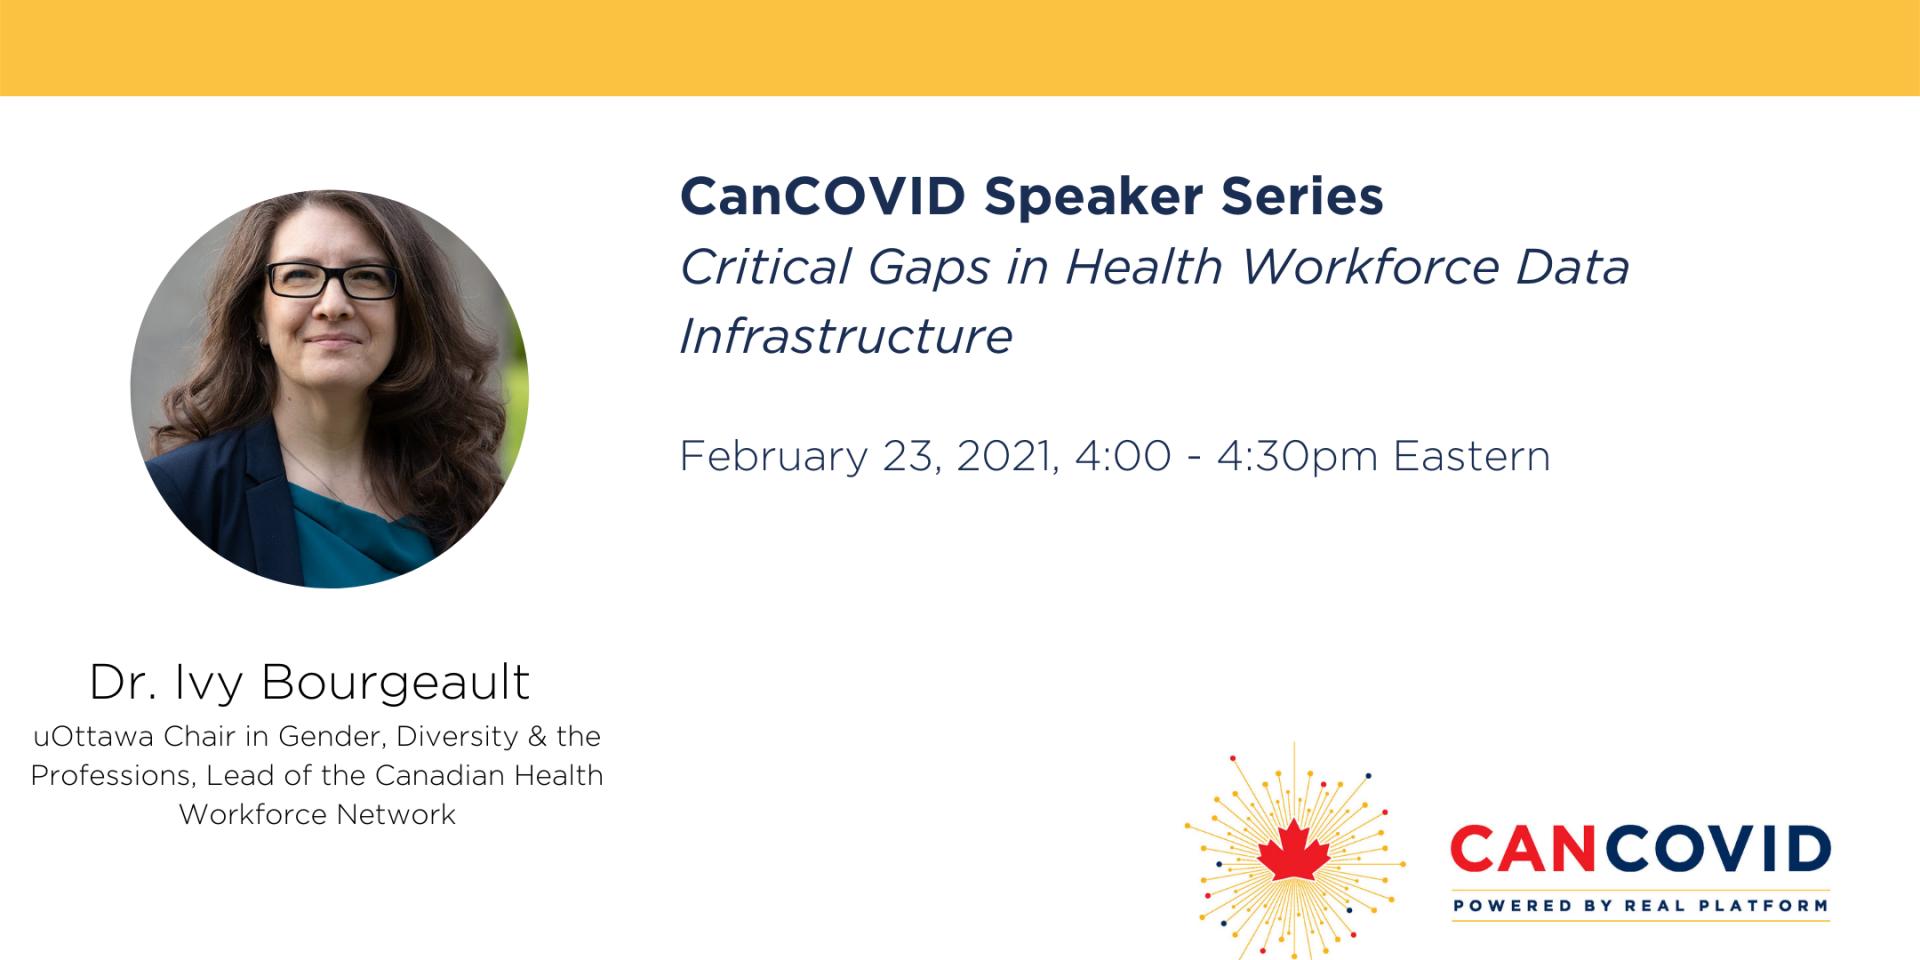 Critical Gaps in Health Workforce Data Infrastructure